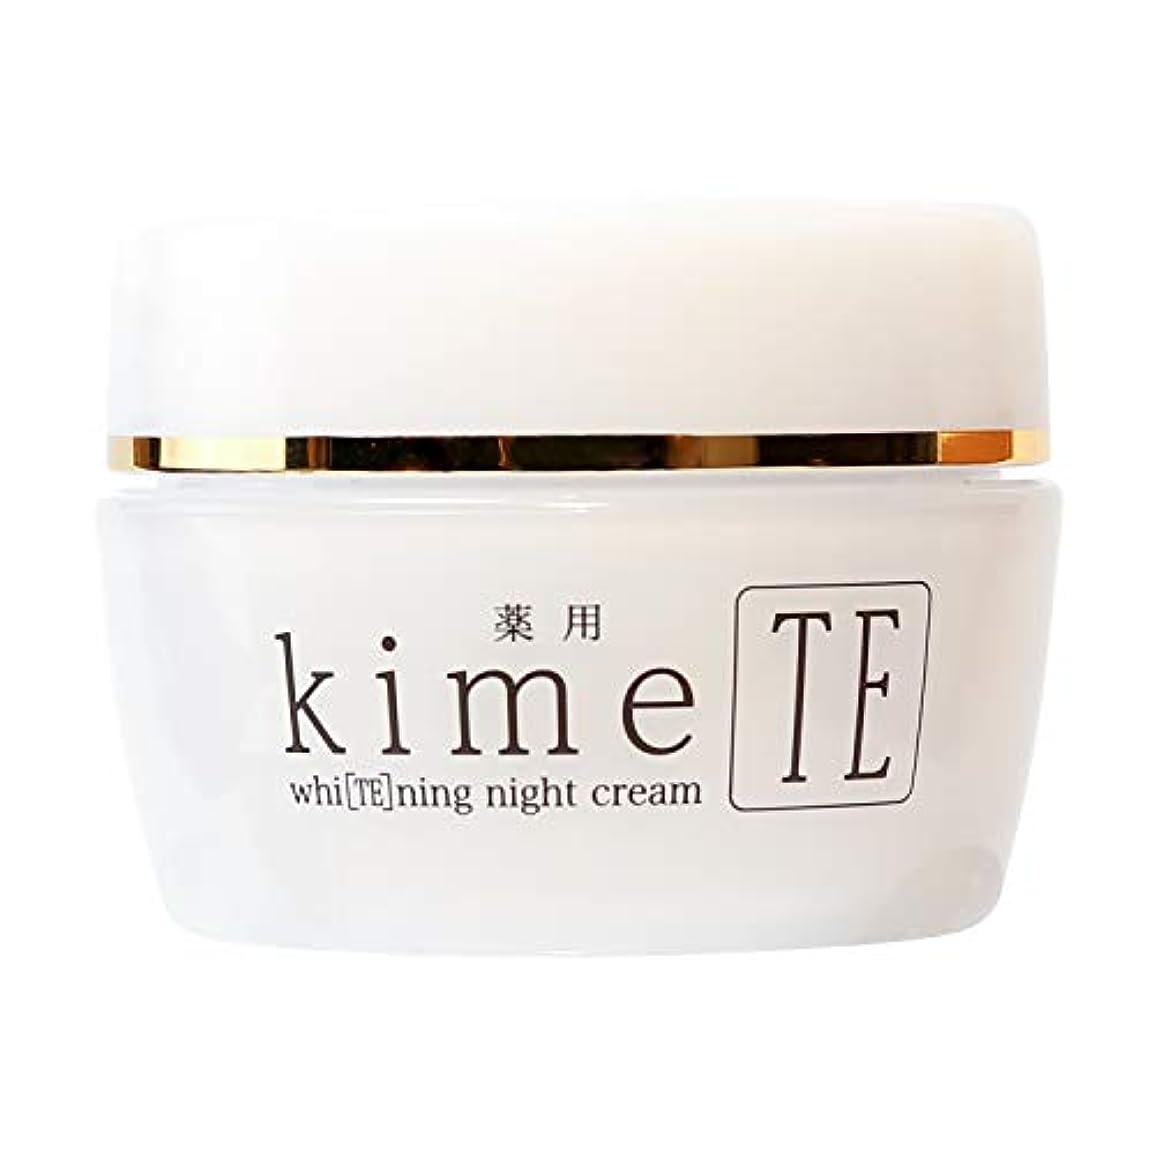 ピースライブ寄付する【スペシャルアプローチ】kimeTE(キメテ)美白 保湿 無添加 ハンドケア 薬用ホワイトニングクリーム